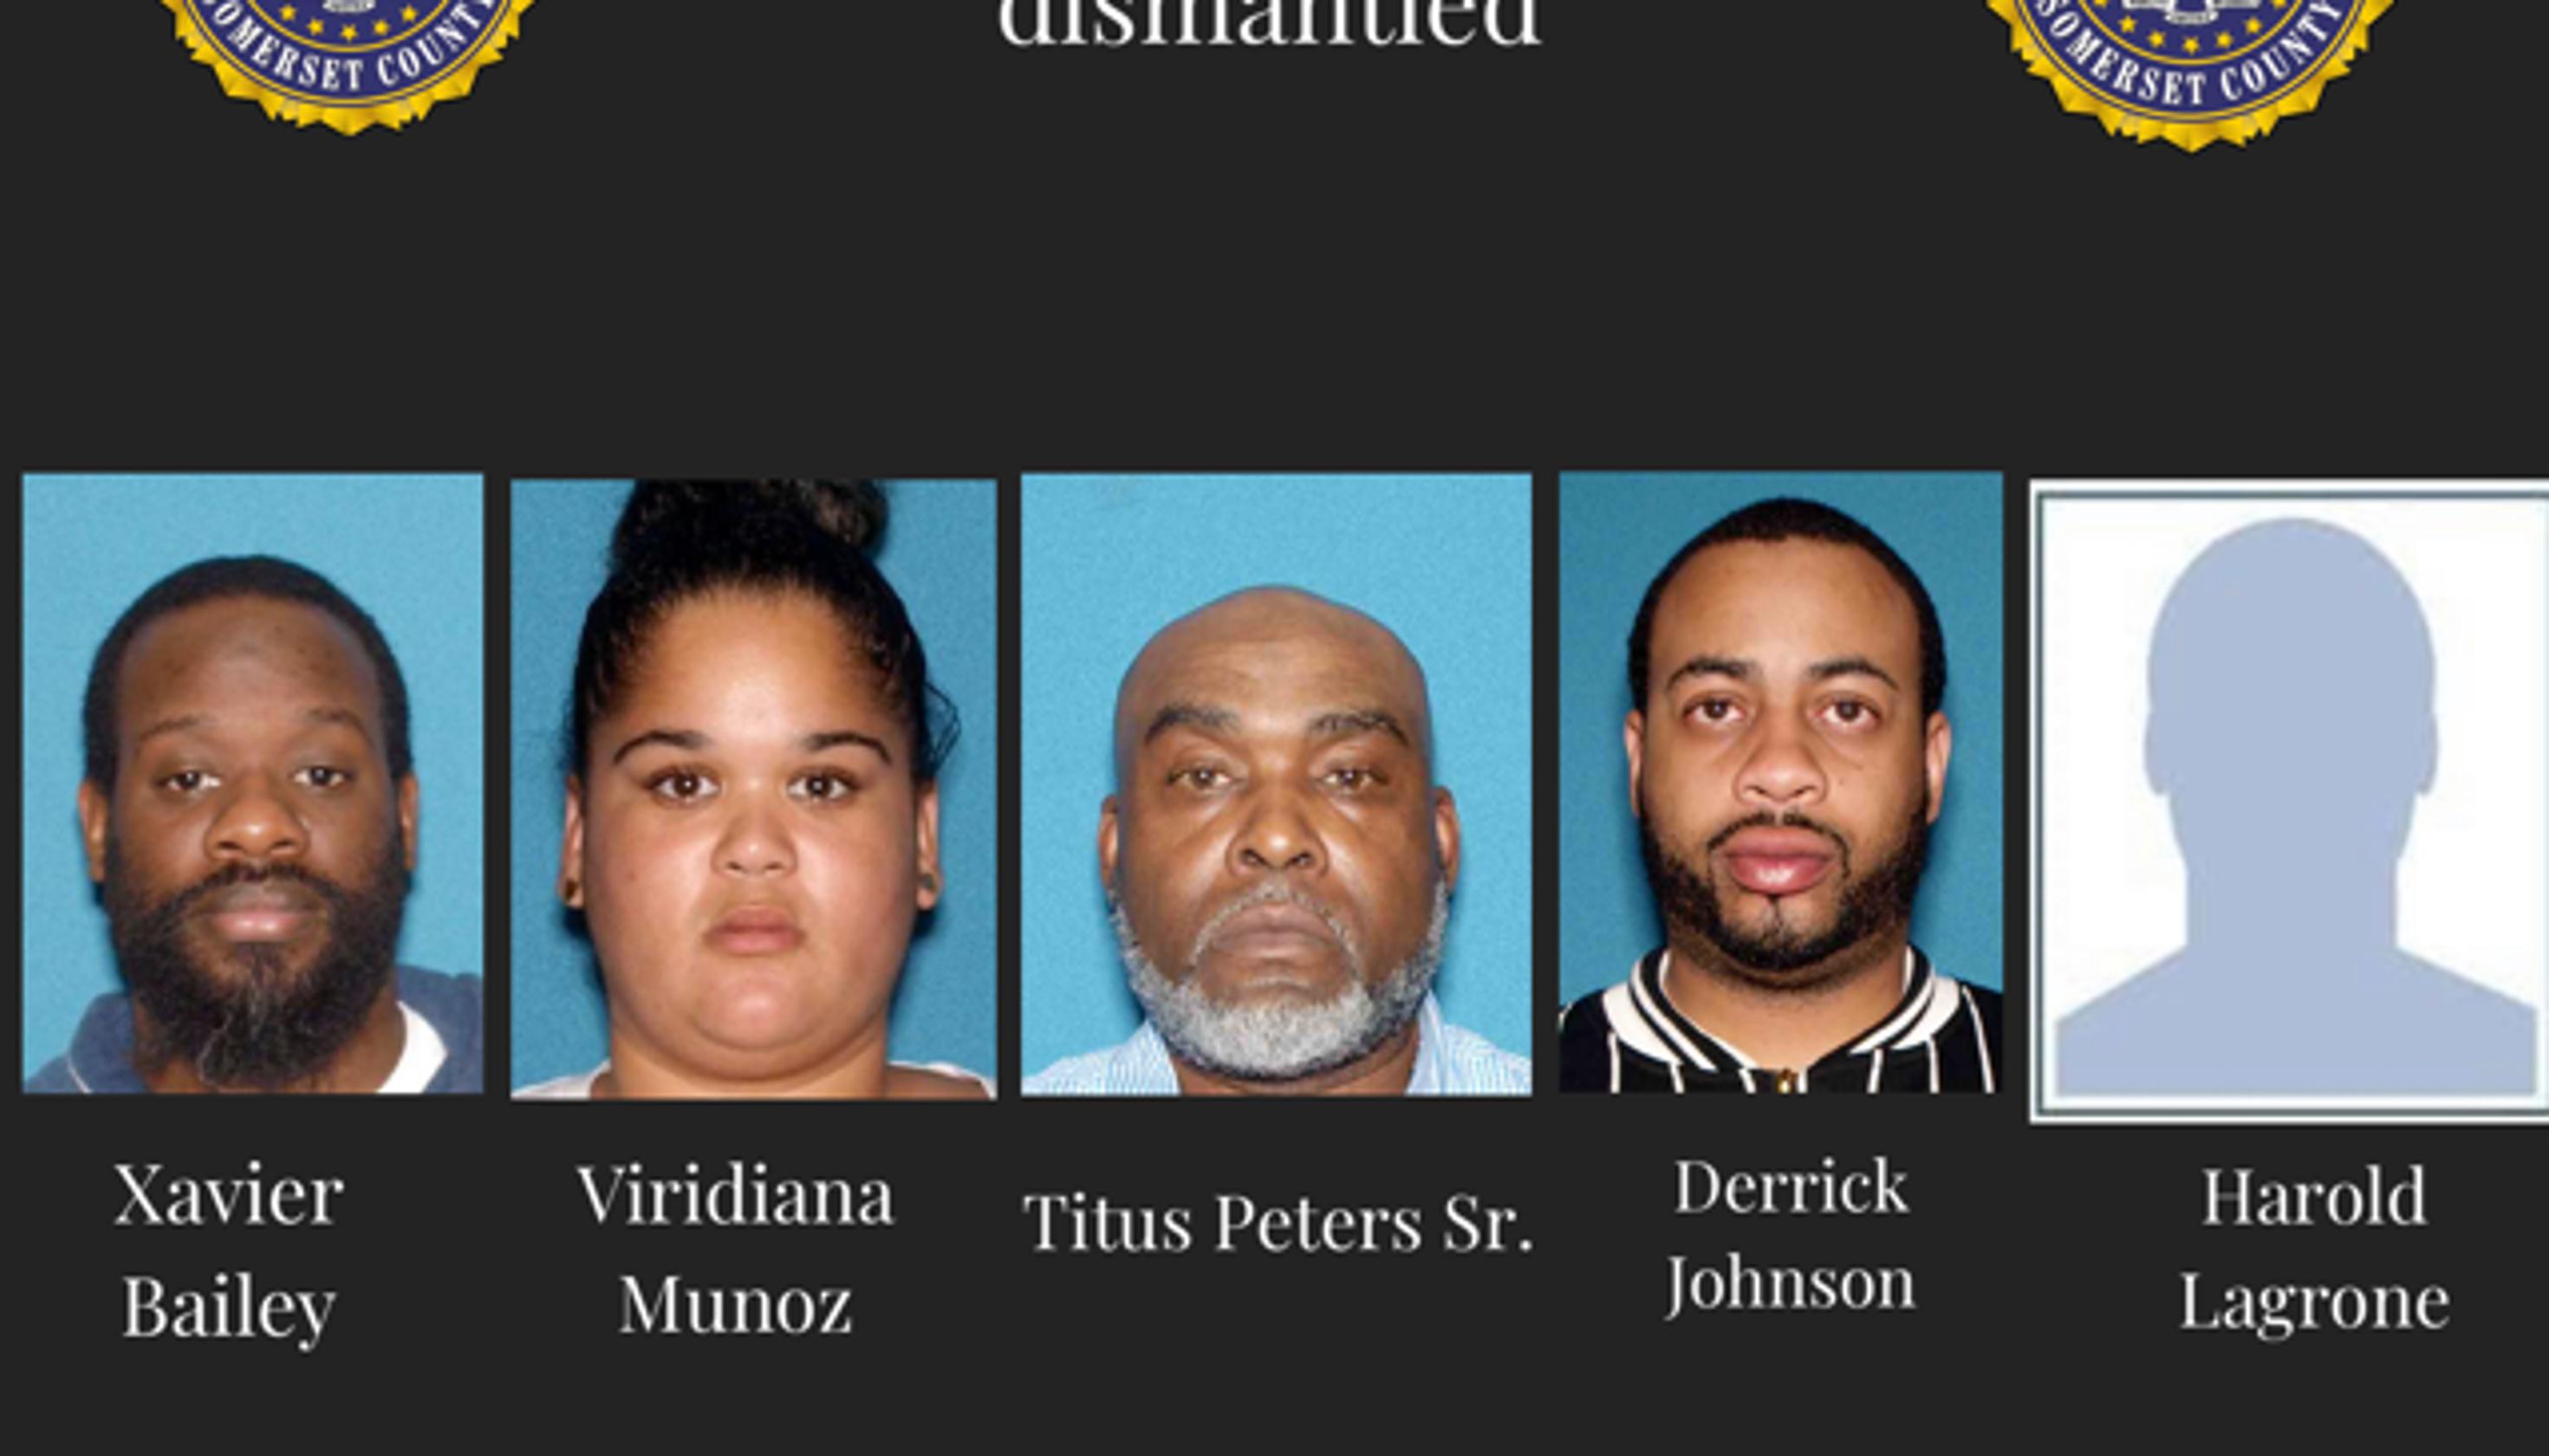 Somerset County drug bust: Cops seize heroin, pot, cars, cash